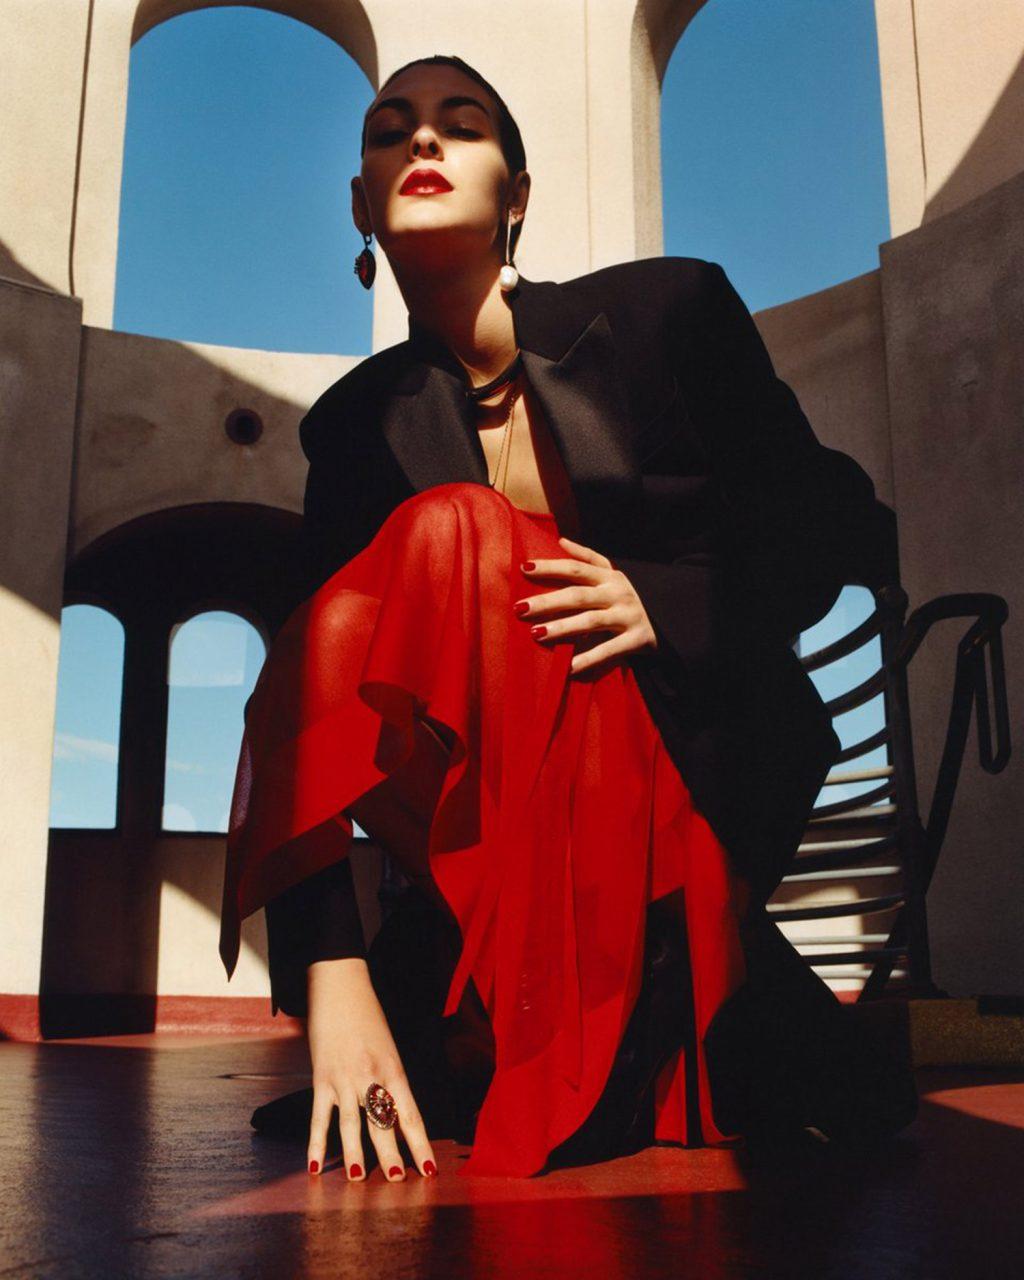 thời trang cung hoàng đạo: các thương hiệu đại diện cho phong cách của bạn 18